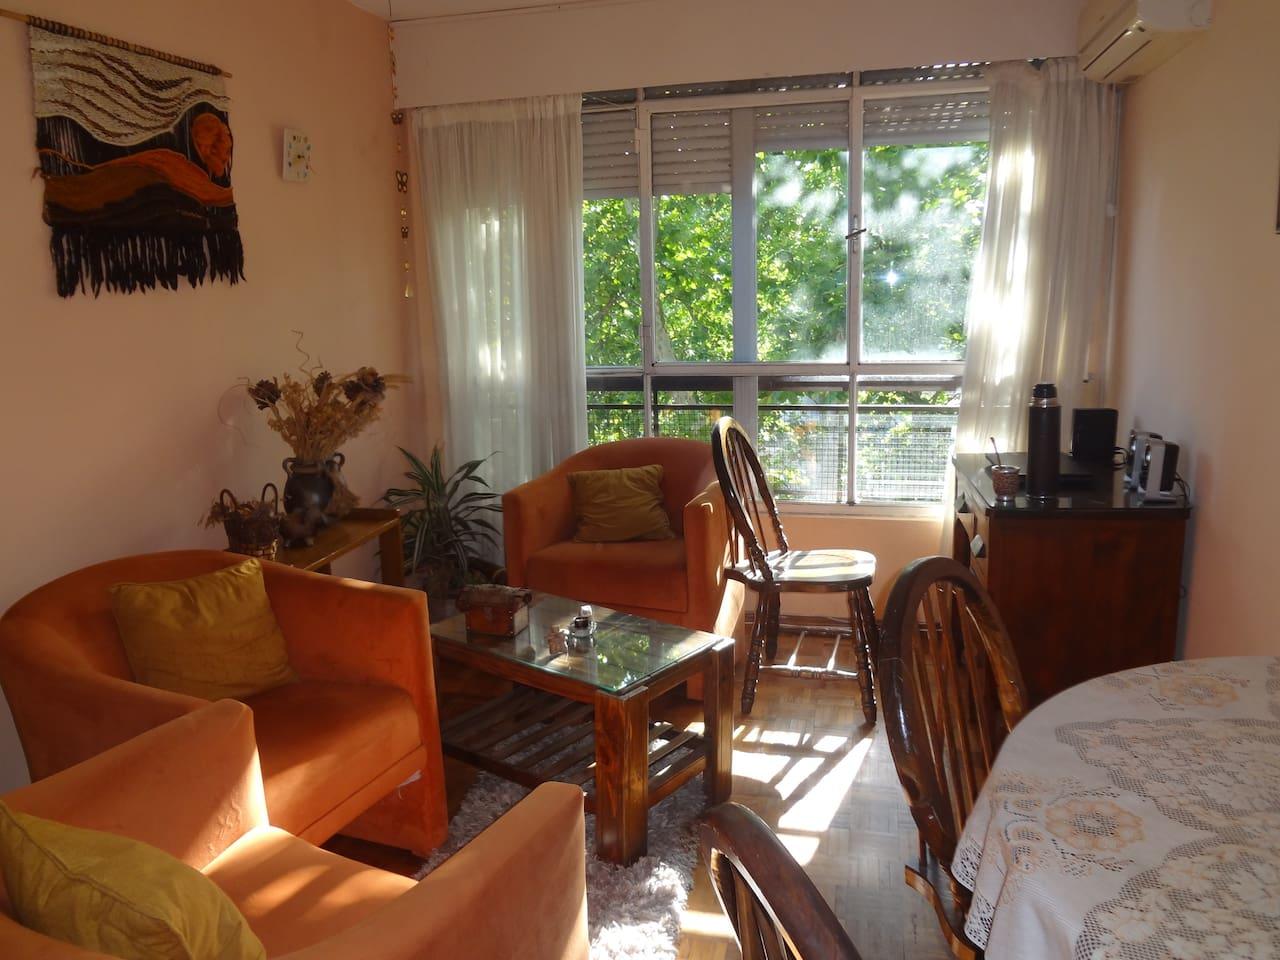 Bonito apartamento.Excelente ubicación/Pretty apartment. Excellent location/Lindo apartamento. Excelente localizaçao